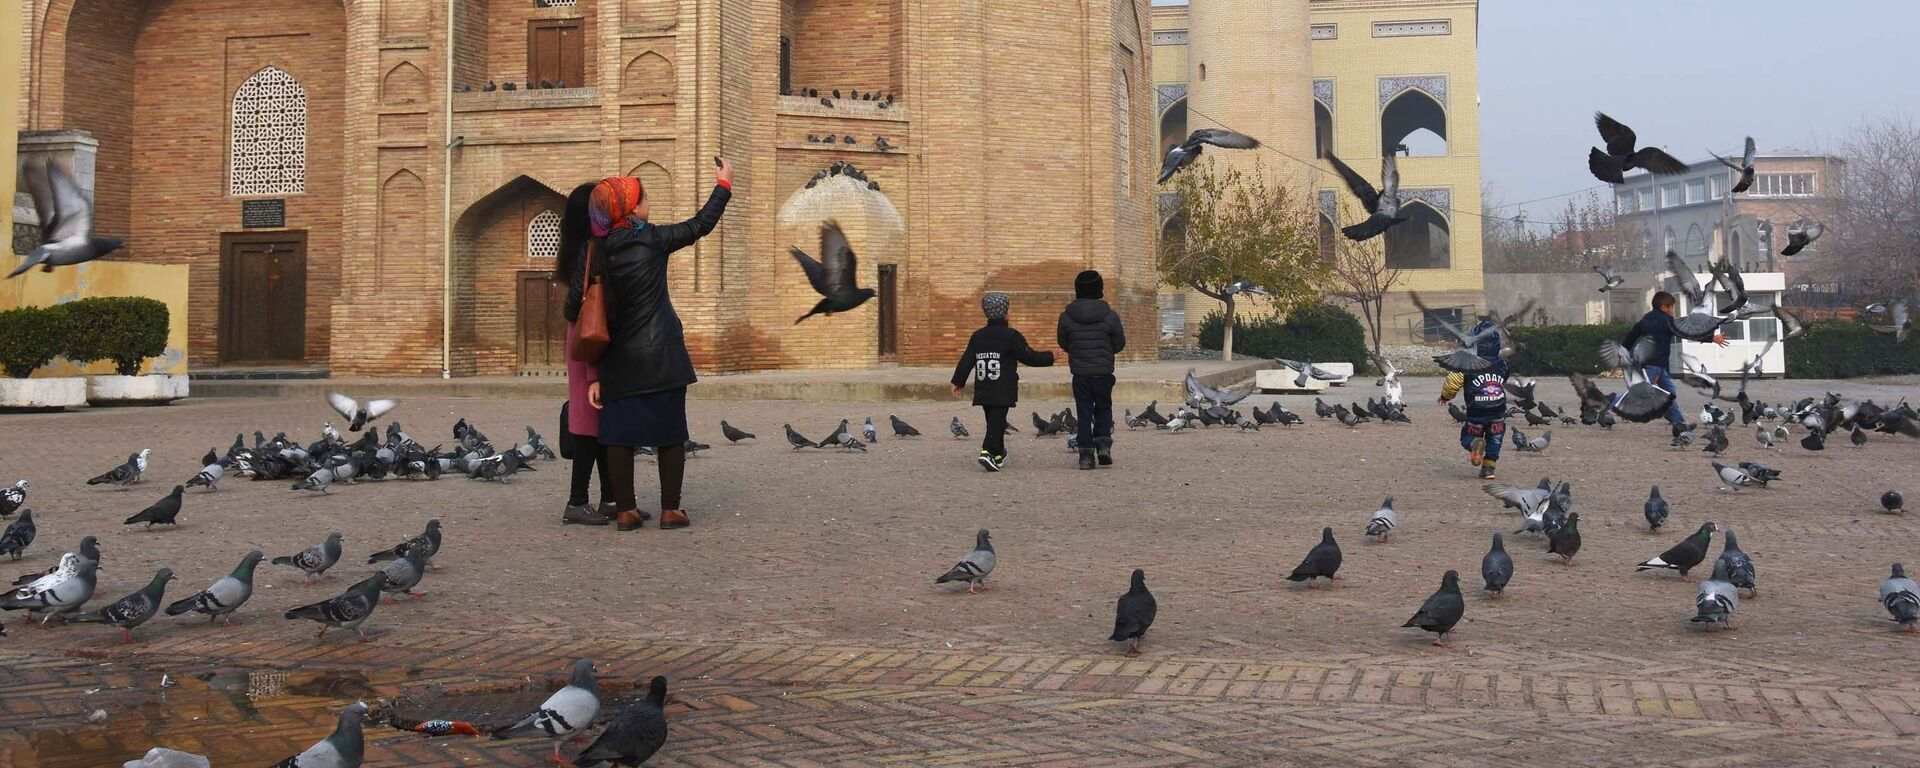 Женщины фотографируются на фоне Мавзолея Шейха Муслихиддина в городе Худжанде в Таджикистане, архивное фото - Sputnik Тоҷикистон, 1920, 29.12.2018